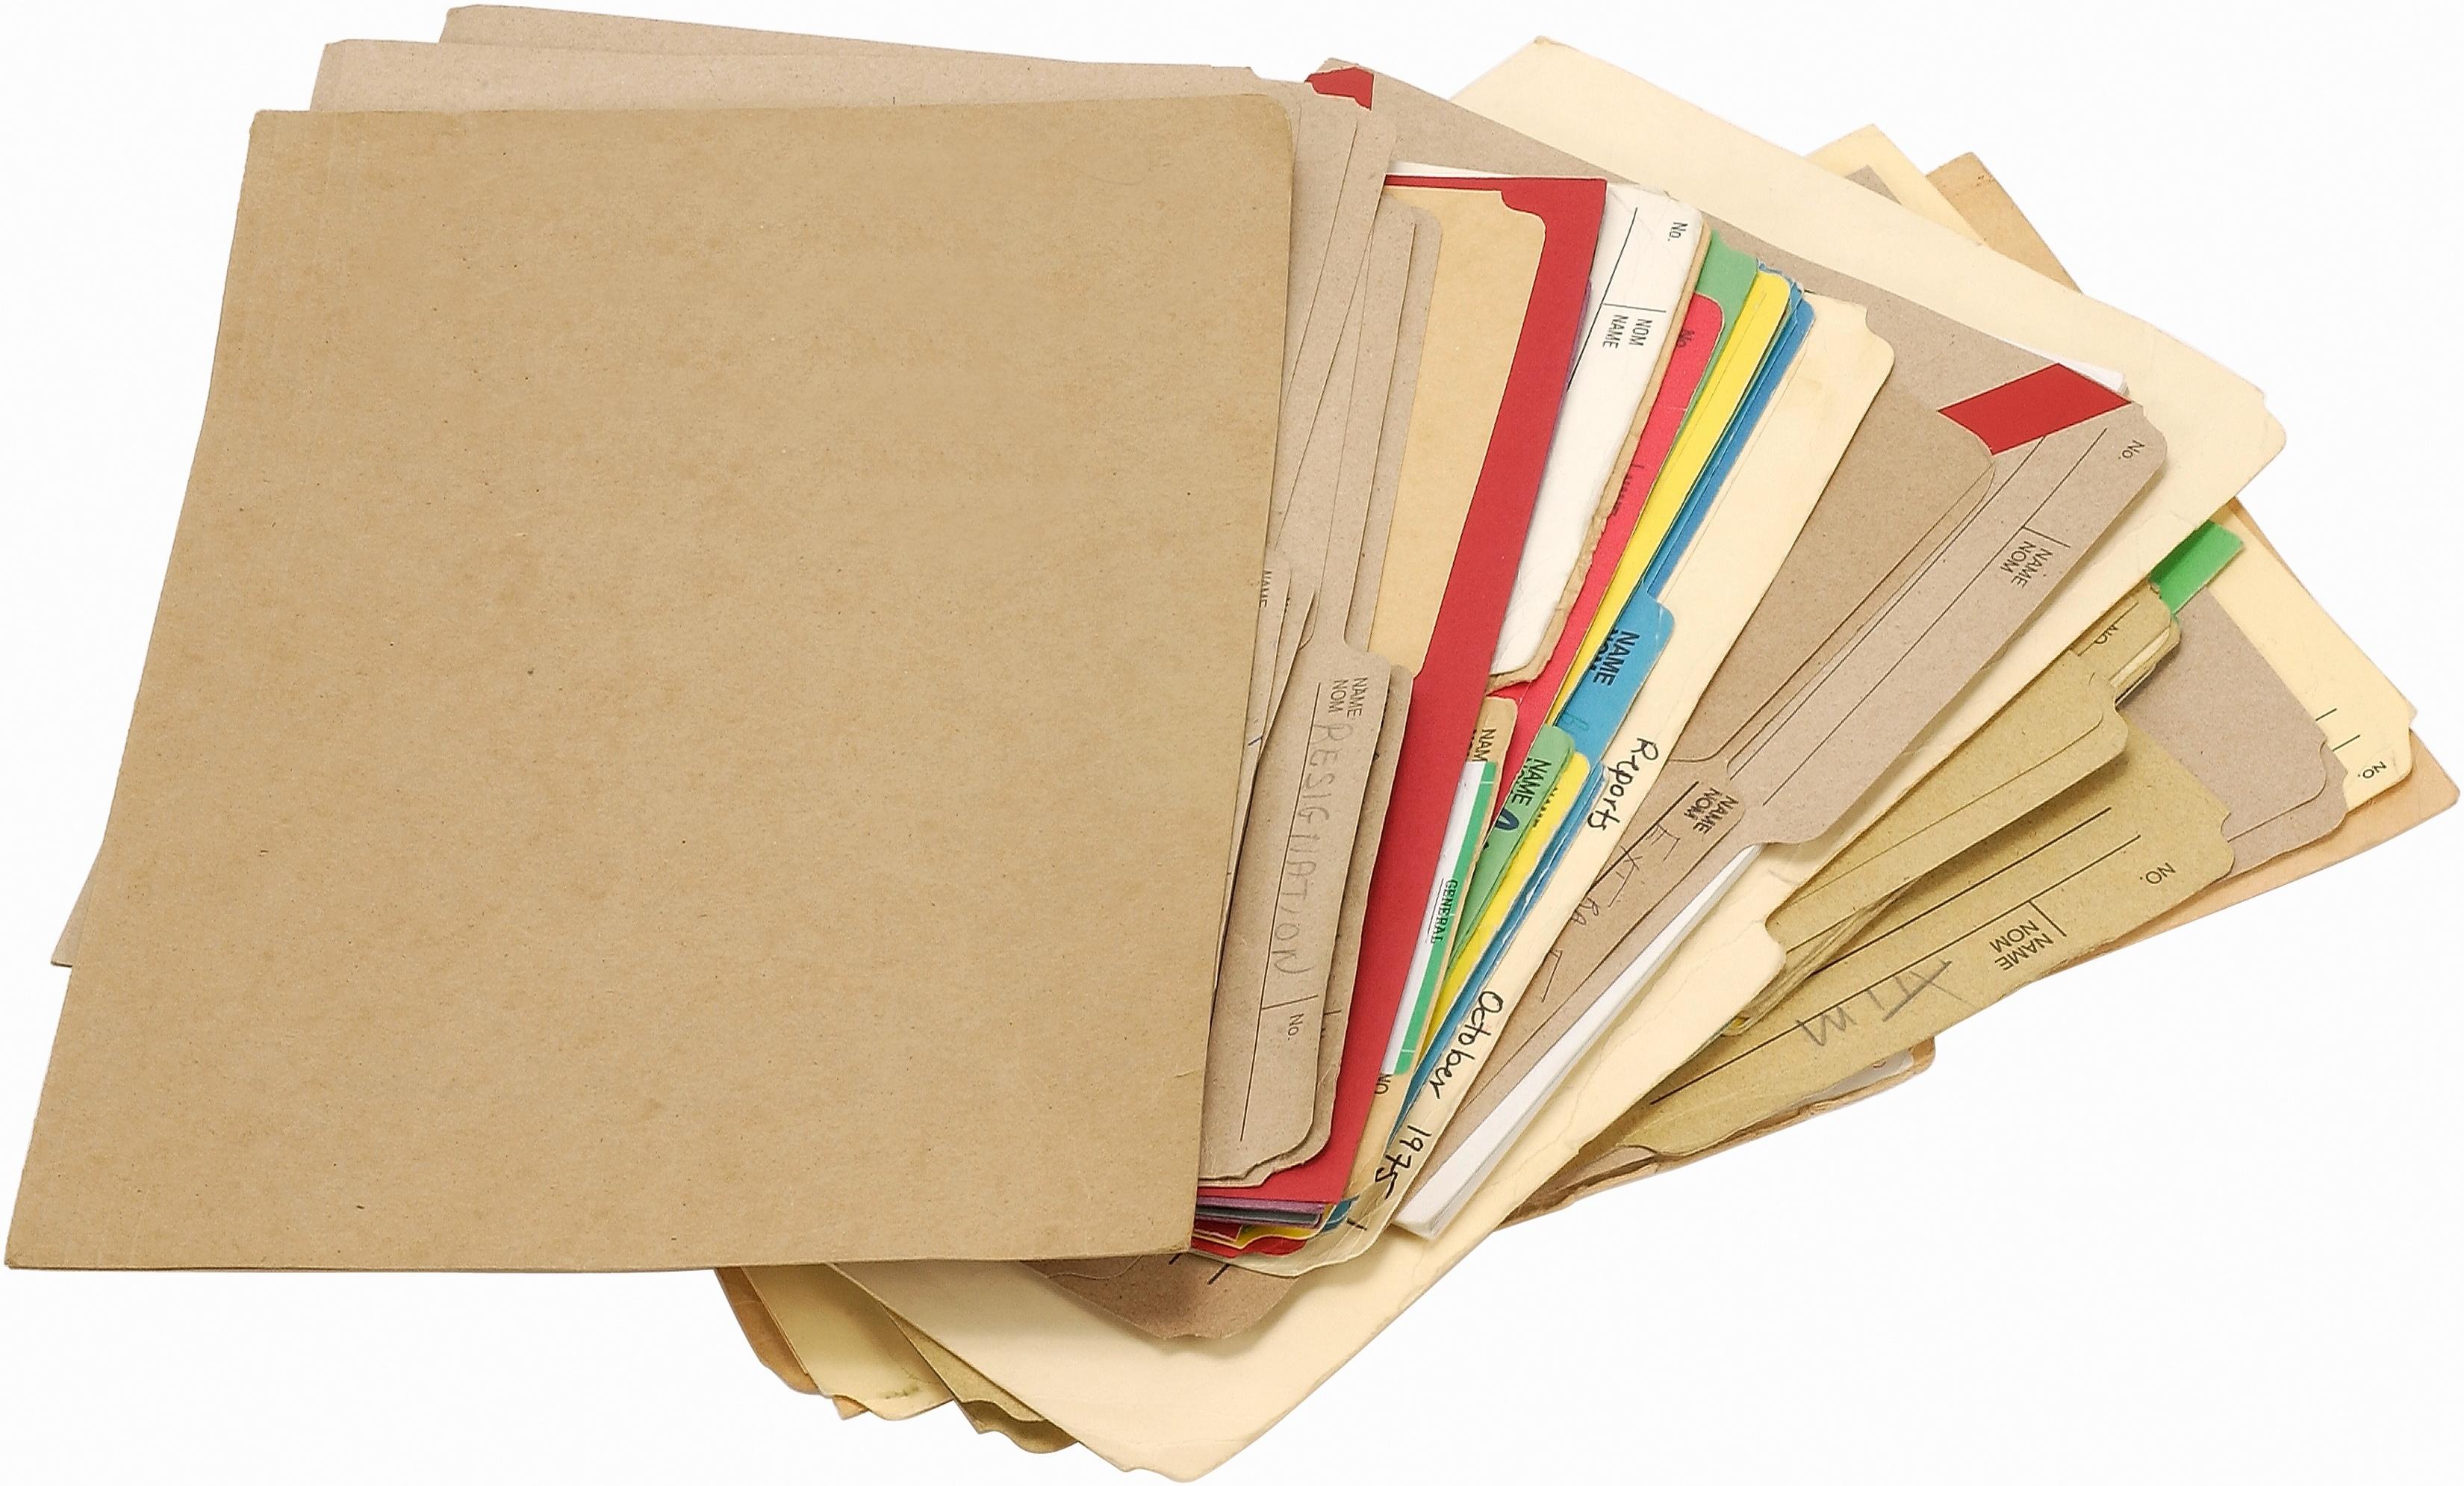 Cómo hacer etiquetas para carpetas de archivo en Microsoft Word ...